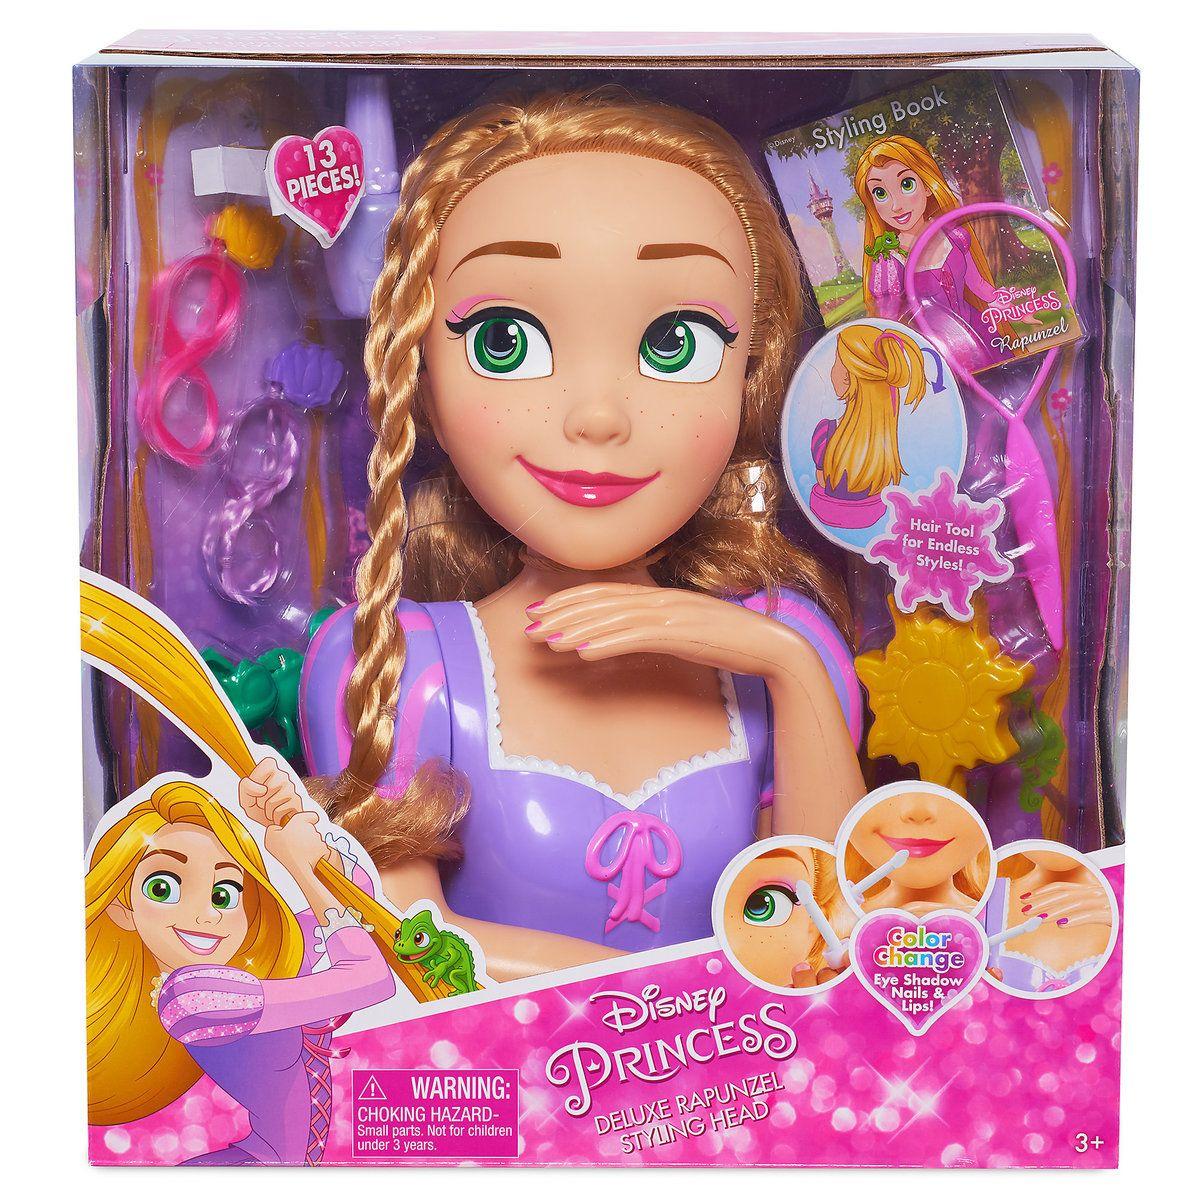 Rapunzel Deluxe Styling Head Shopdisney Disney Princess Toys Princess Toys Disney Princess Rapunzel